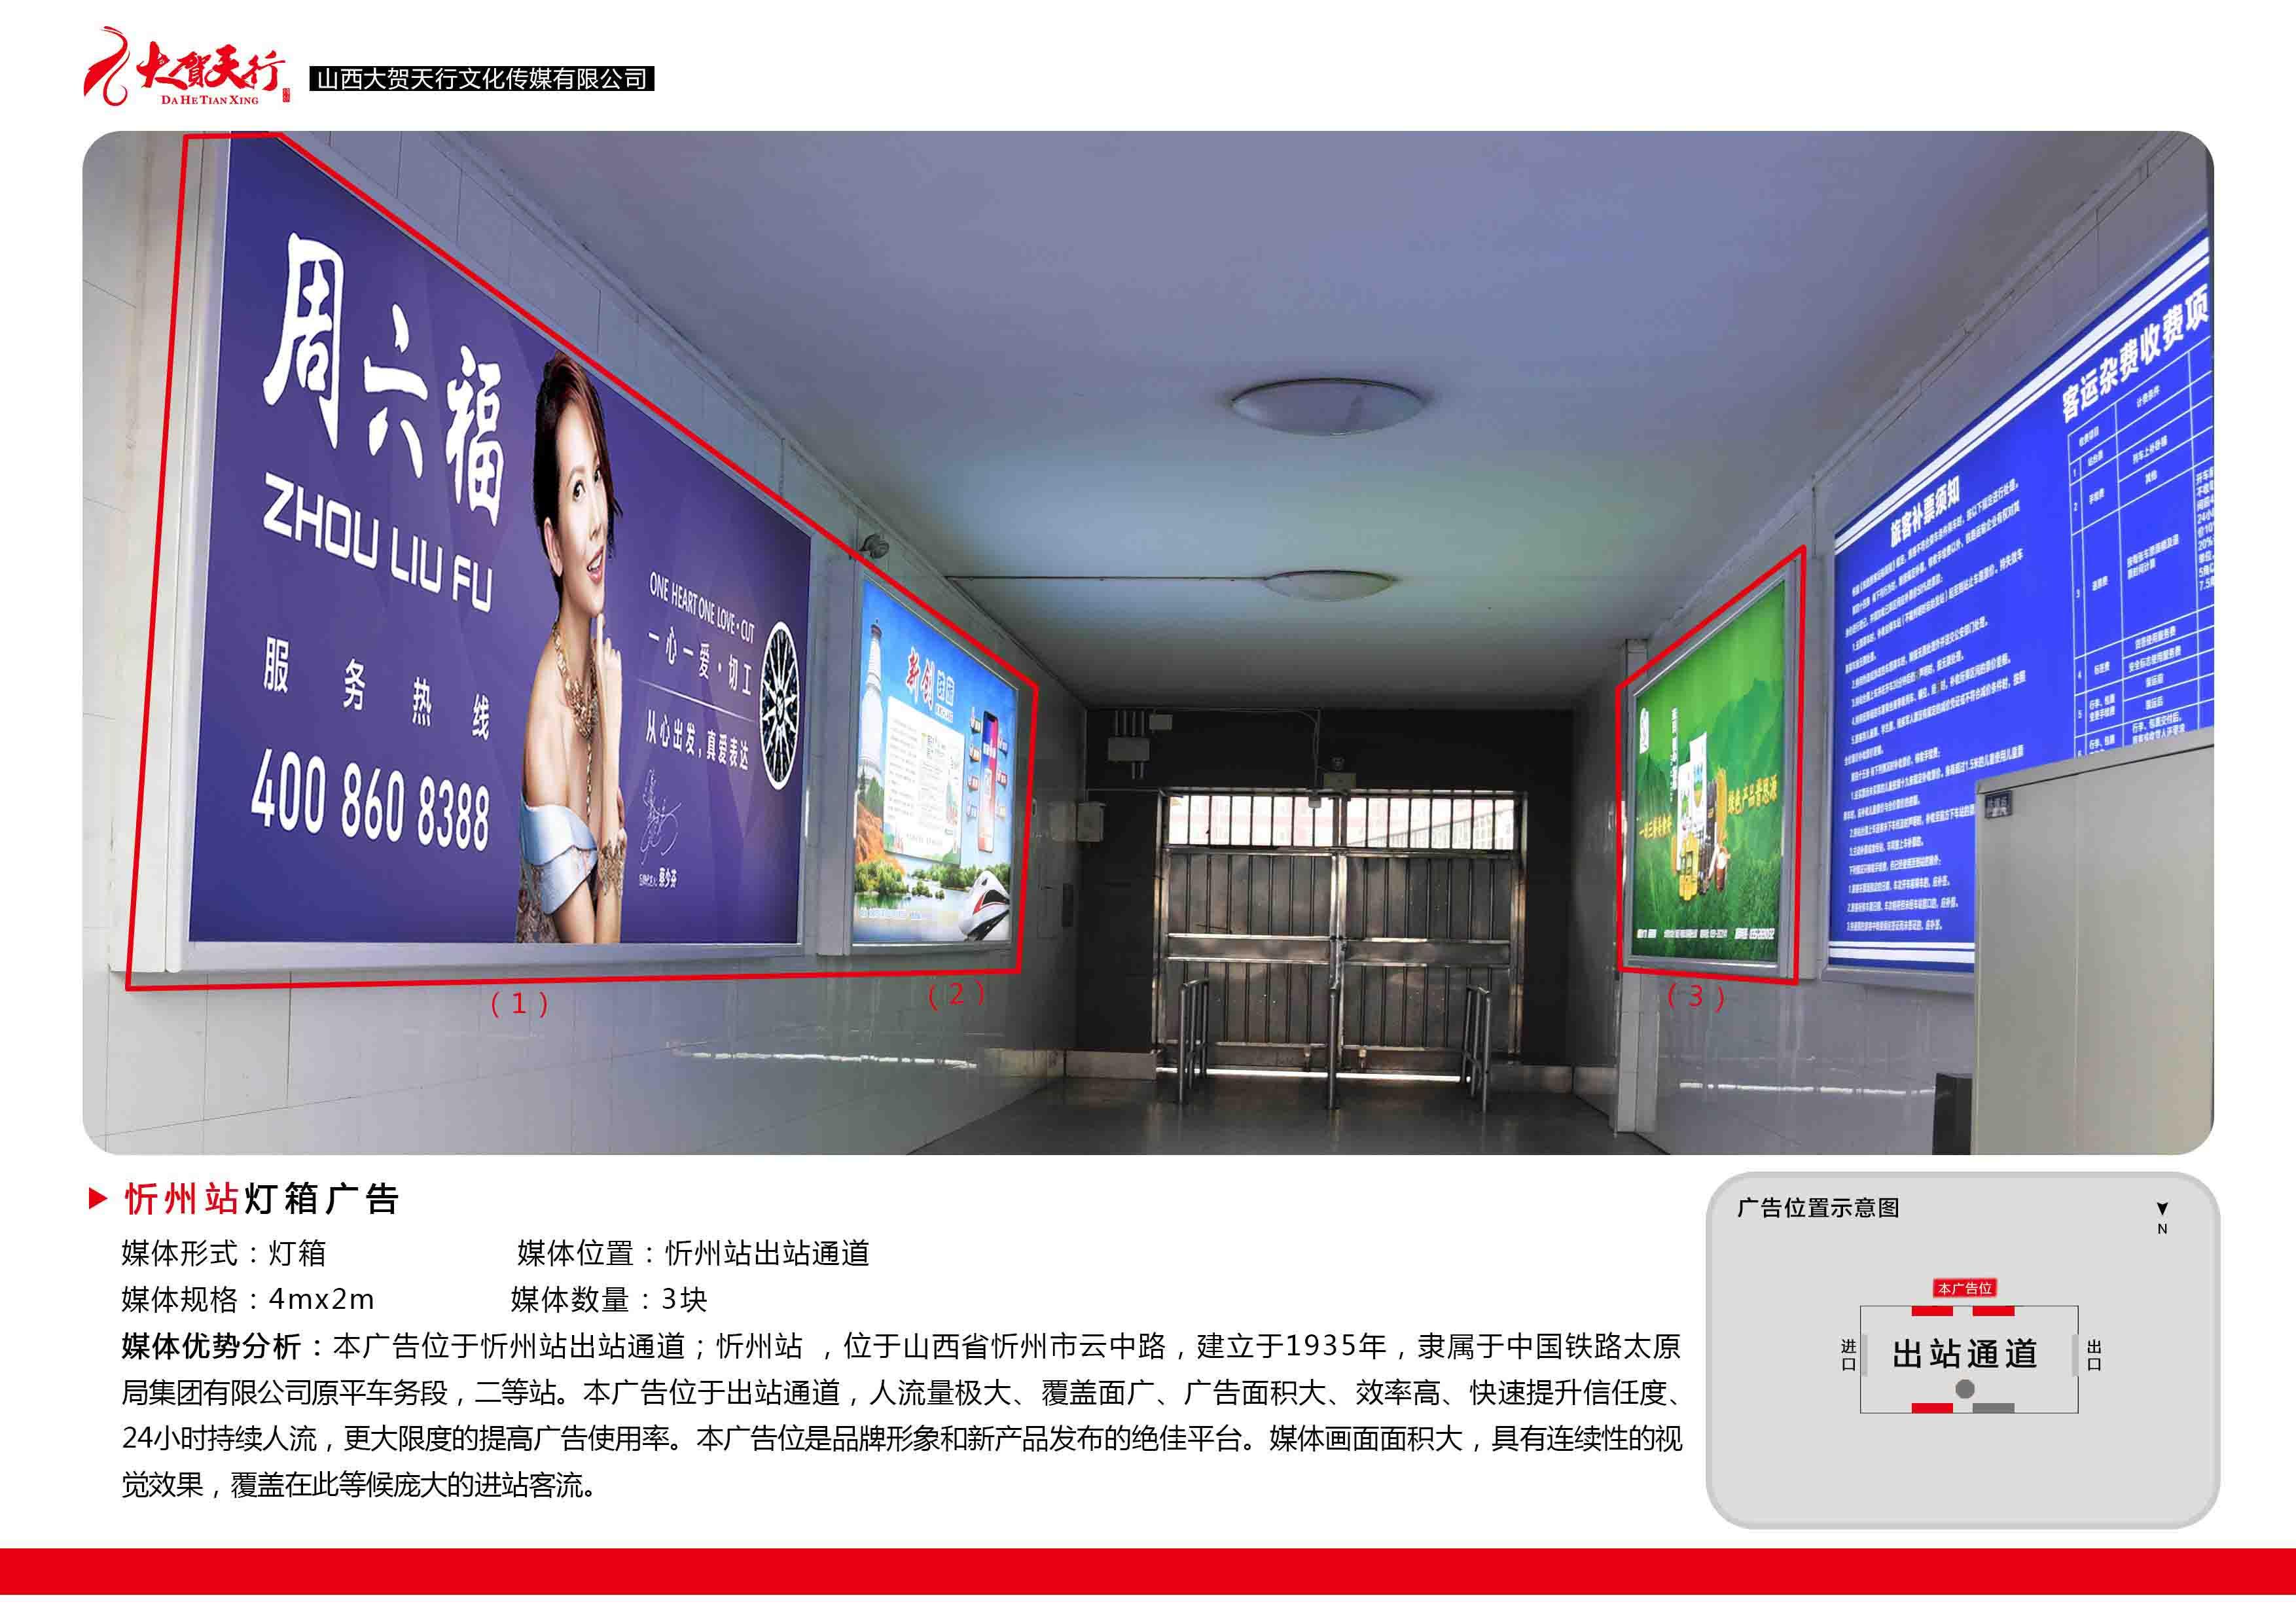 山西忻州火车站出站地下通道灯箱广告位